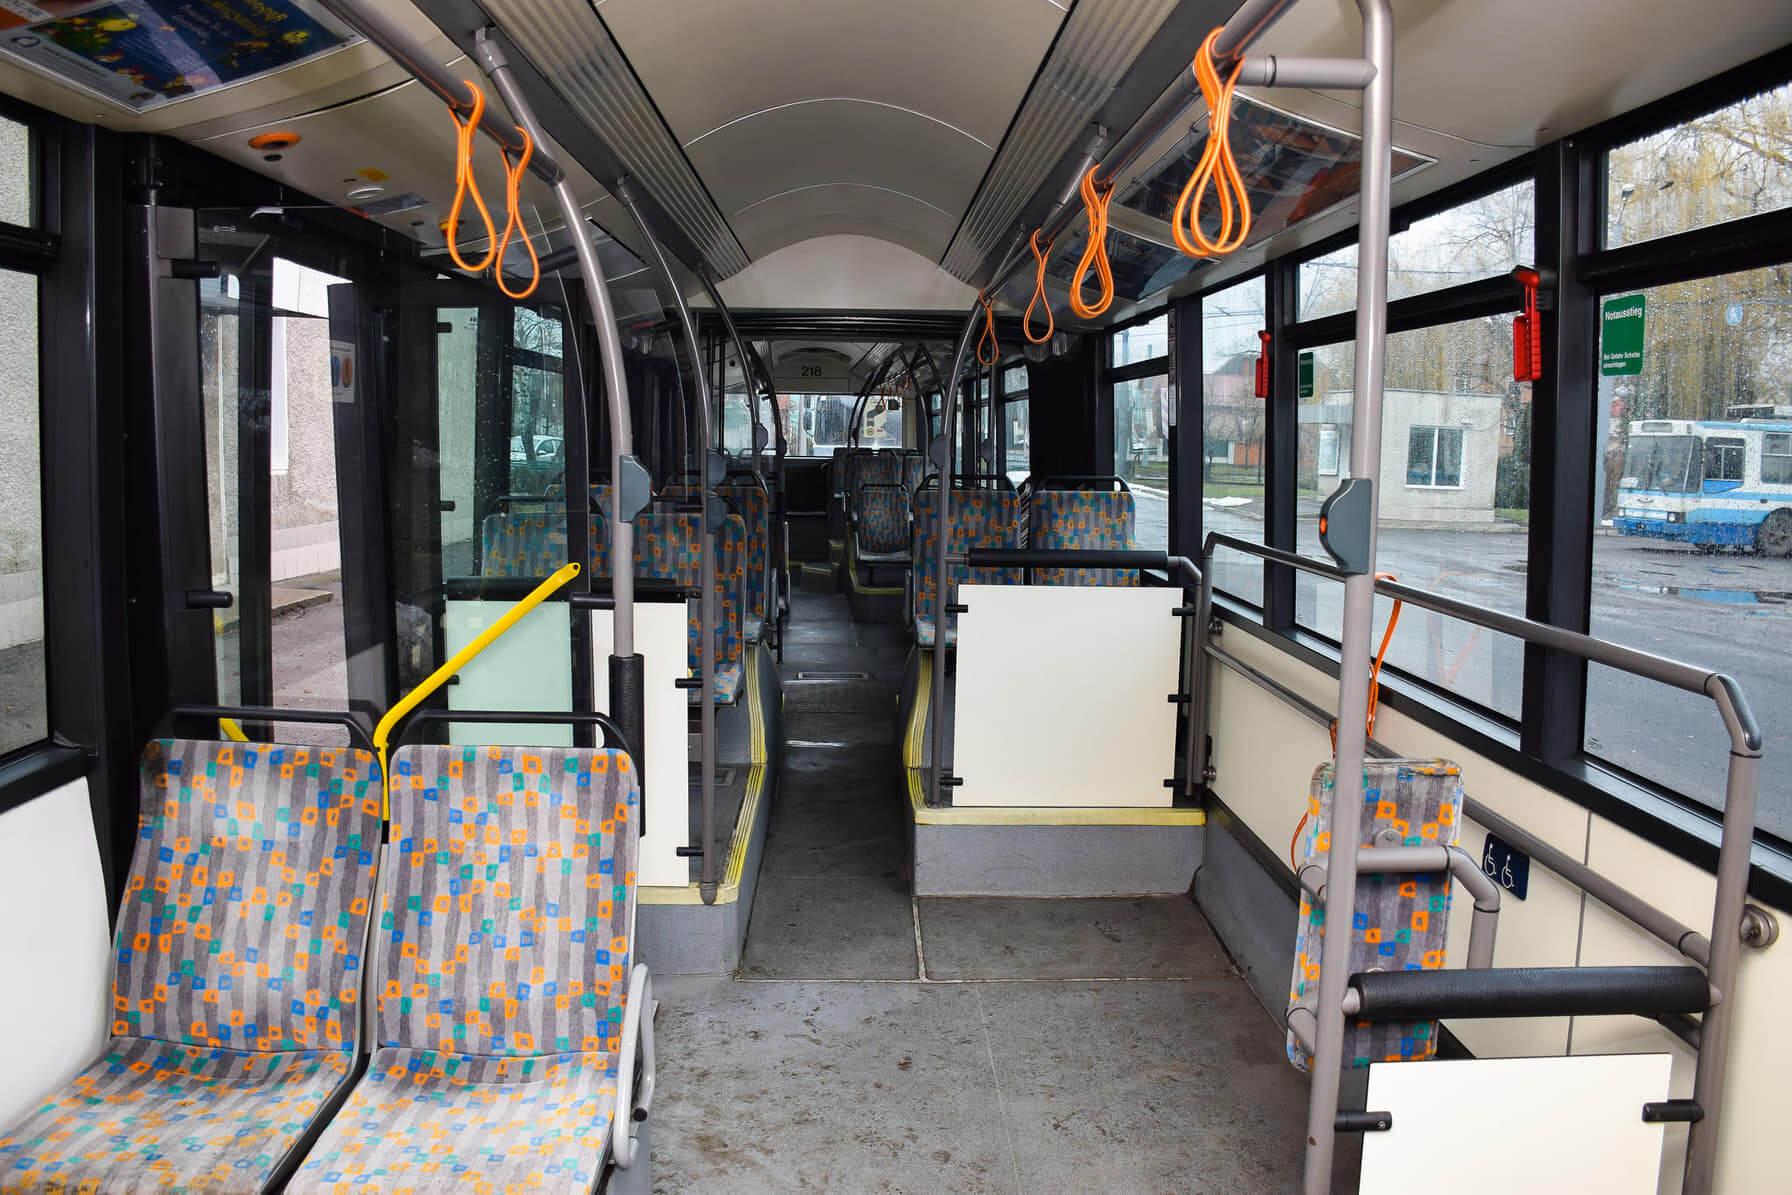 Комунальне автотранспортне підприємство з'явиться на Рогатинщині й поповниться шістьма маршрутками